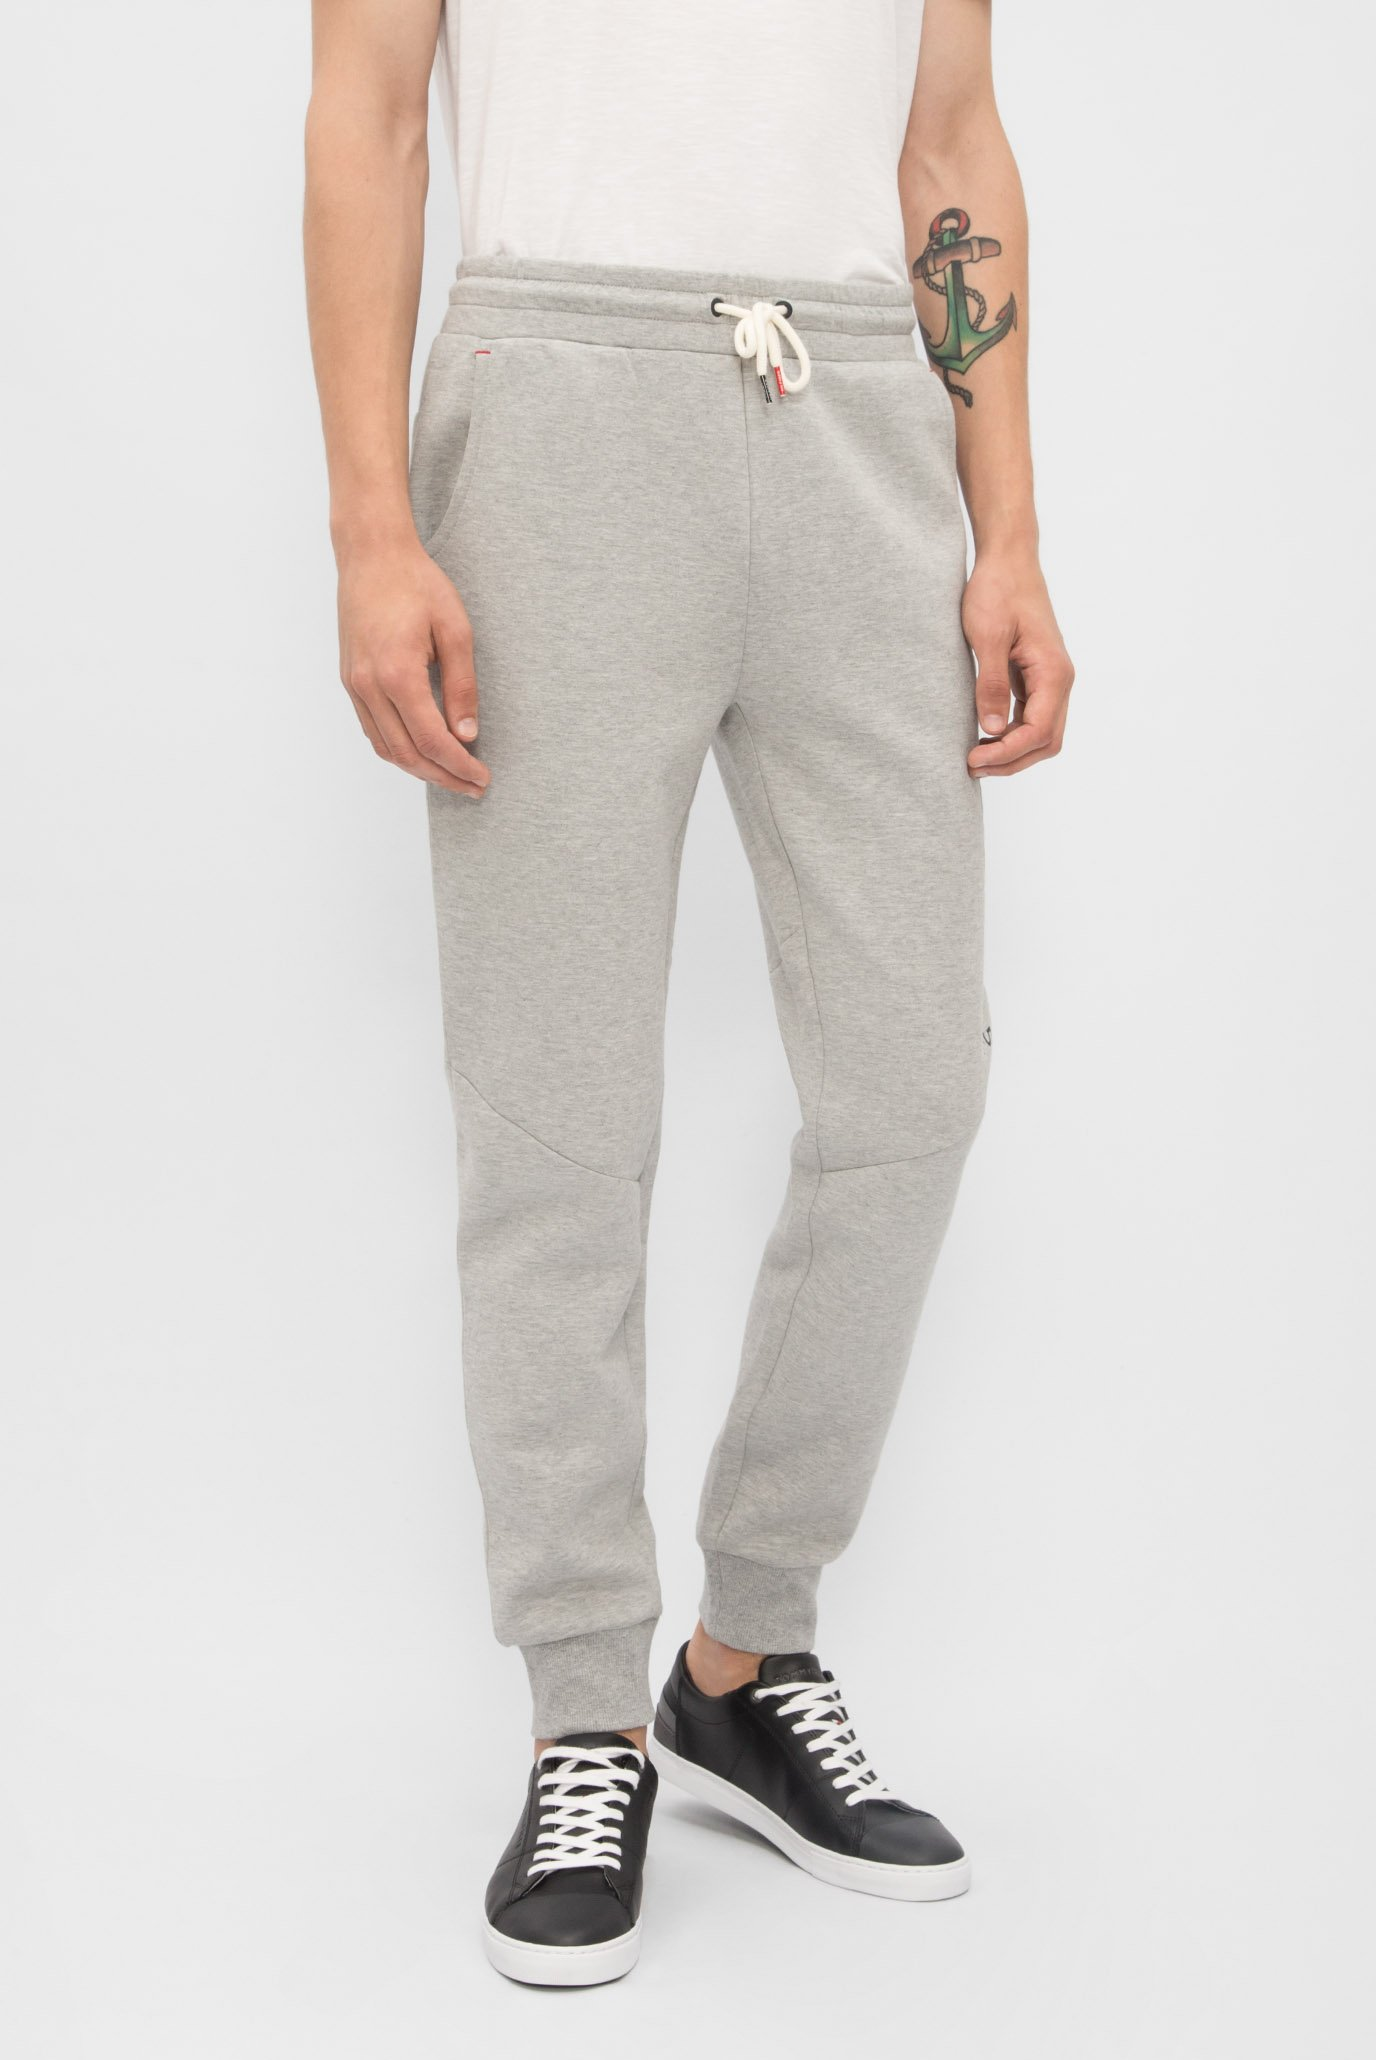 Купить Мужские серые спортивные брюки Tommy Hilfiger Tommy Hilfiger  2S87906314 – Киев, Украина. Цены в интернет магазине ... e2c23a4e2e6